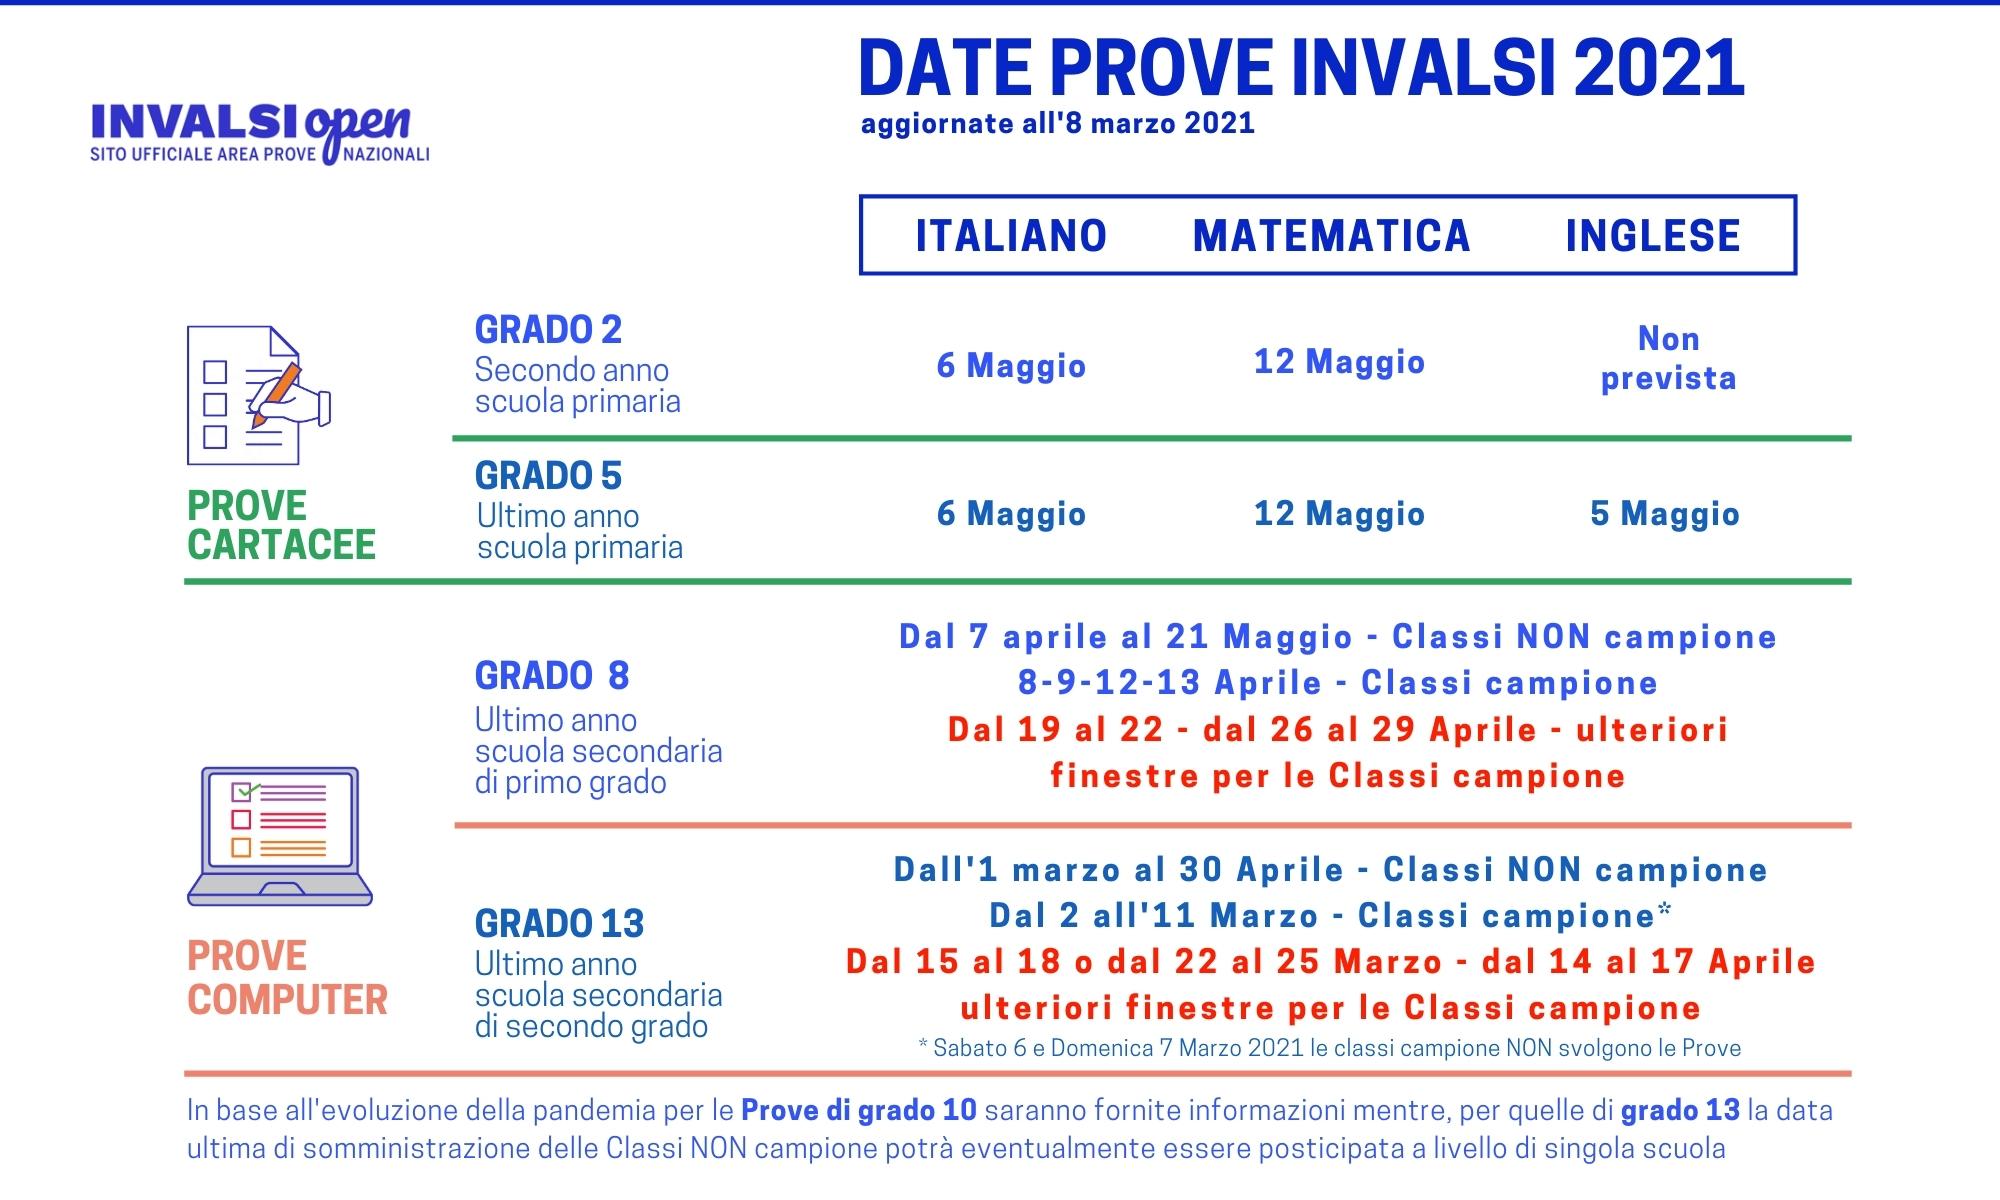 Calendario Prove INVALSI 2021 - Aggiornato all'8 marzo 2021